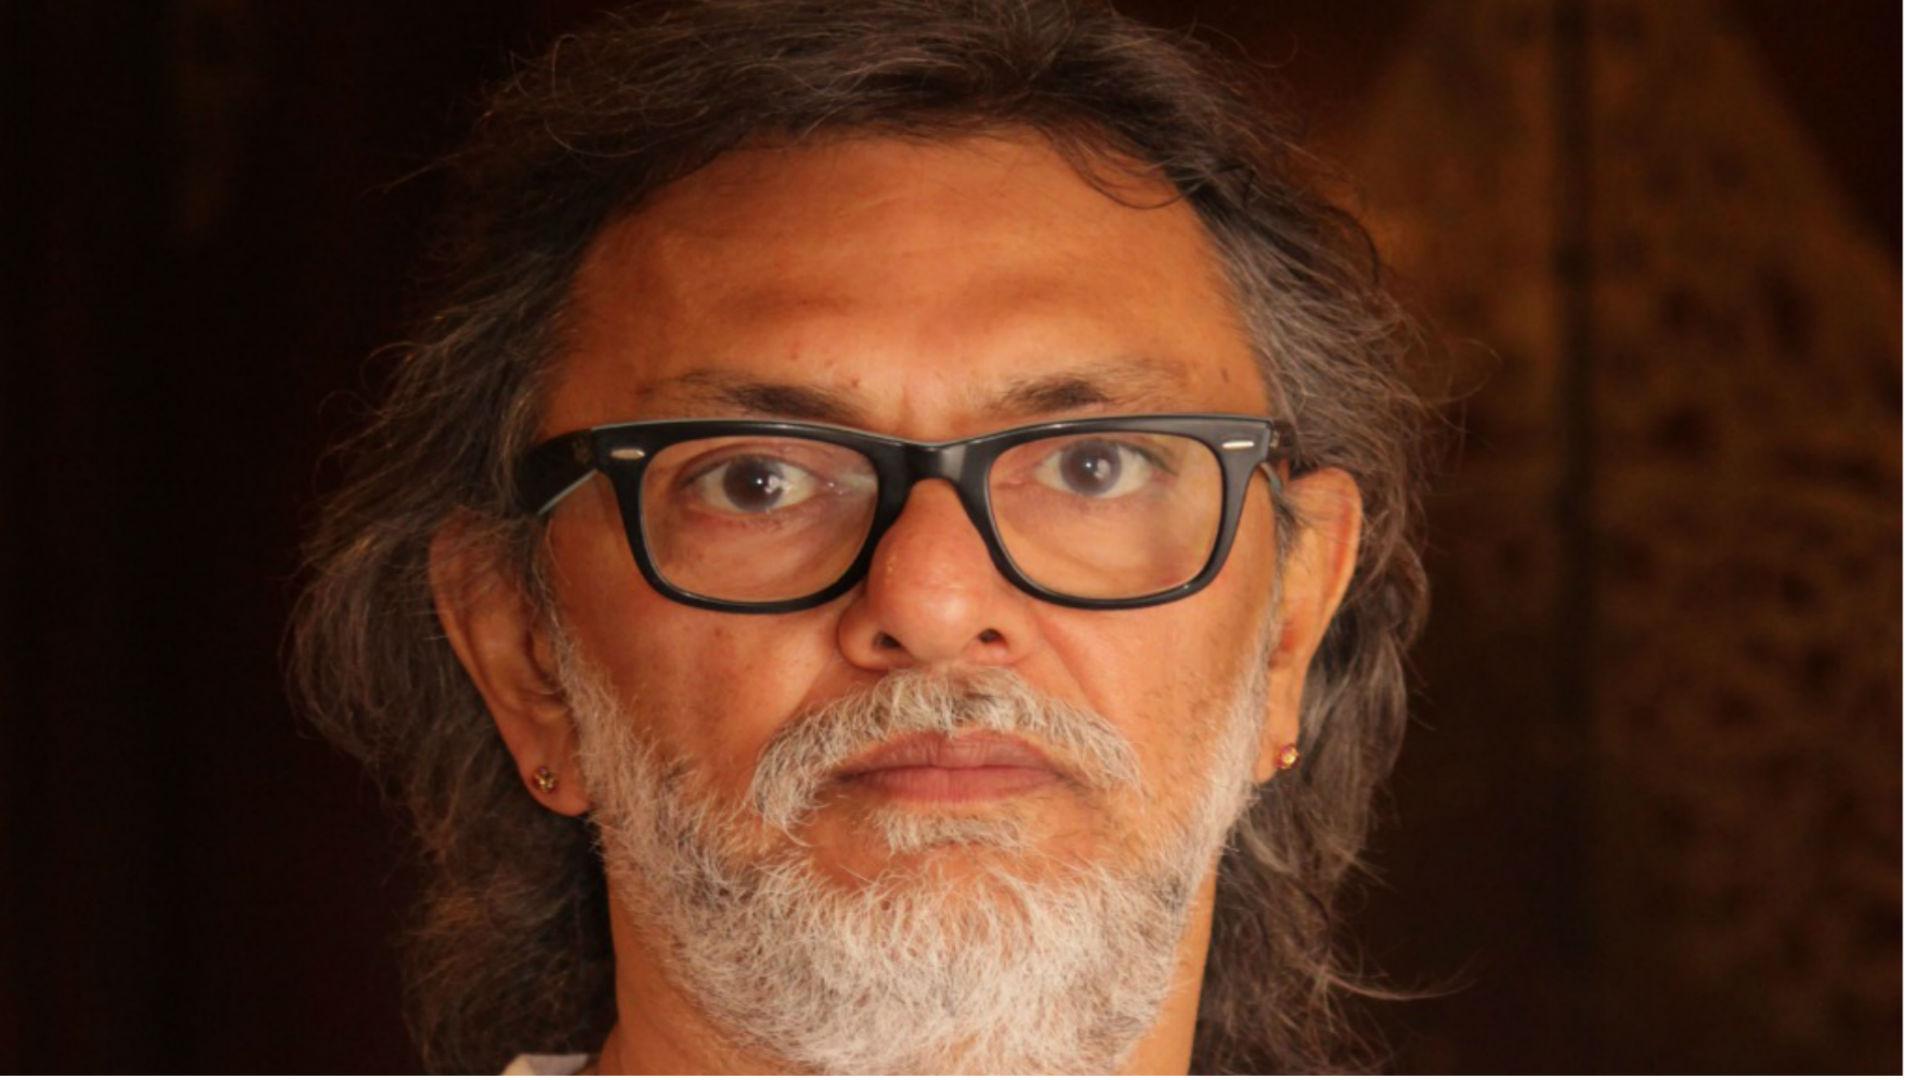 एक्सक्लूसिव इंटरव्यू: राकेश ओमप्रकाश मेहरा ने कहा पीएम नरेंद्र मोदी पर नहीं इस मुद्दे पर बनी है मेरी फिल्म